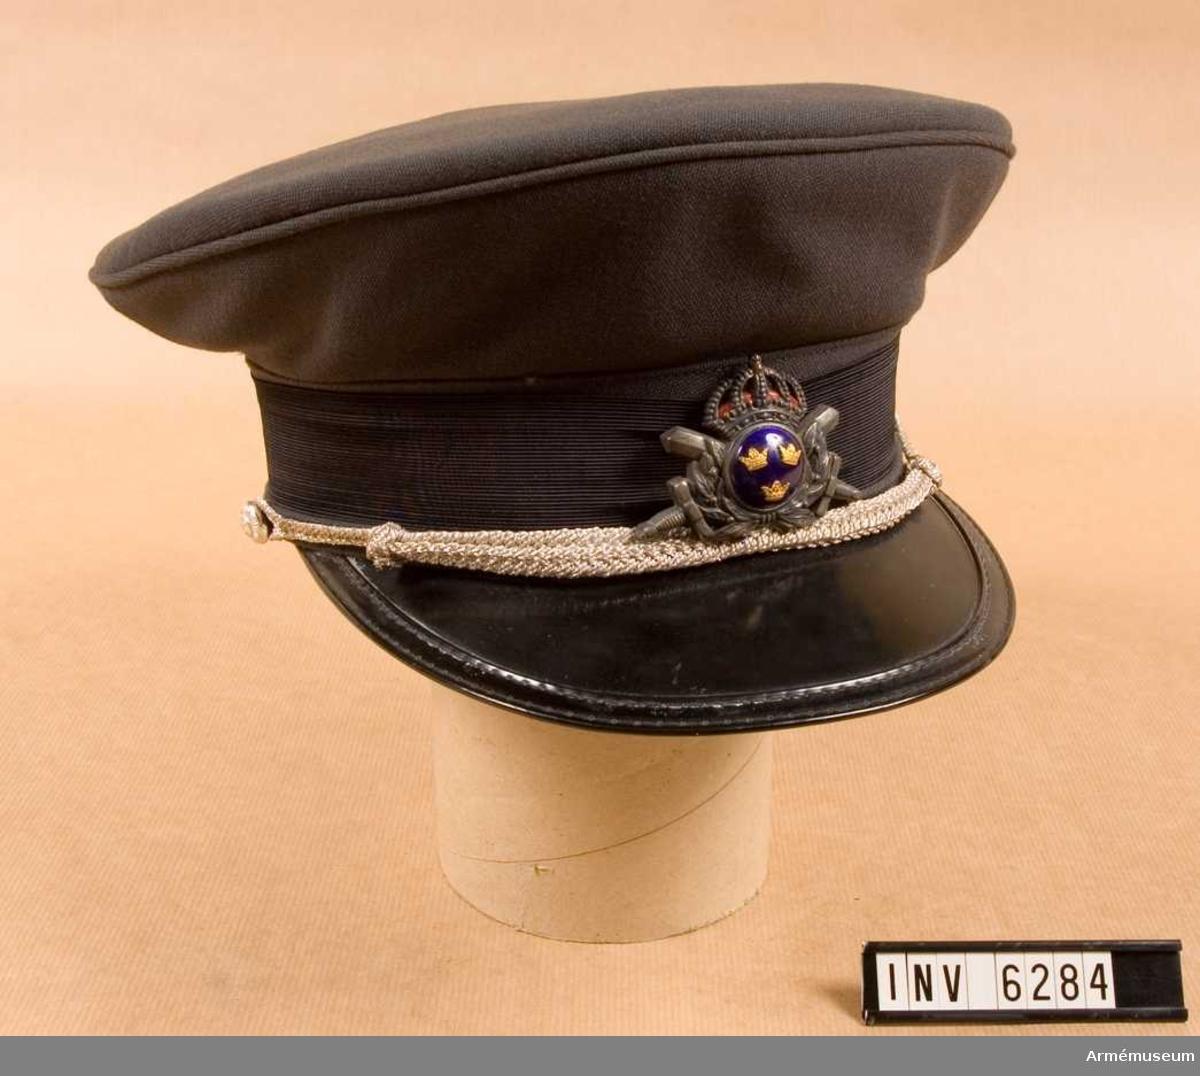 Storlek: 57. Stålgrått ylletyg m svart skärm (grön undersida), stålgrått mössband, mössmärke i silver m/1960 och mössträns i  flätad silvertråd. Det är trängens uniform. Se bilaga 19810522 nr 345.